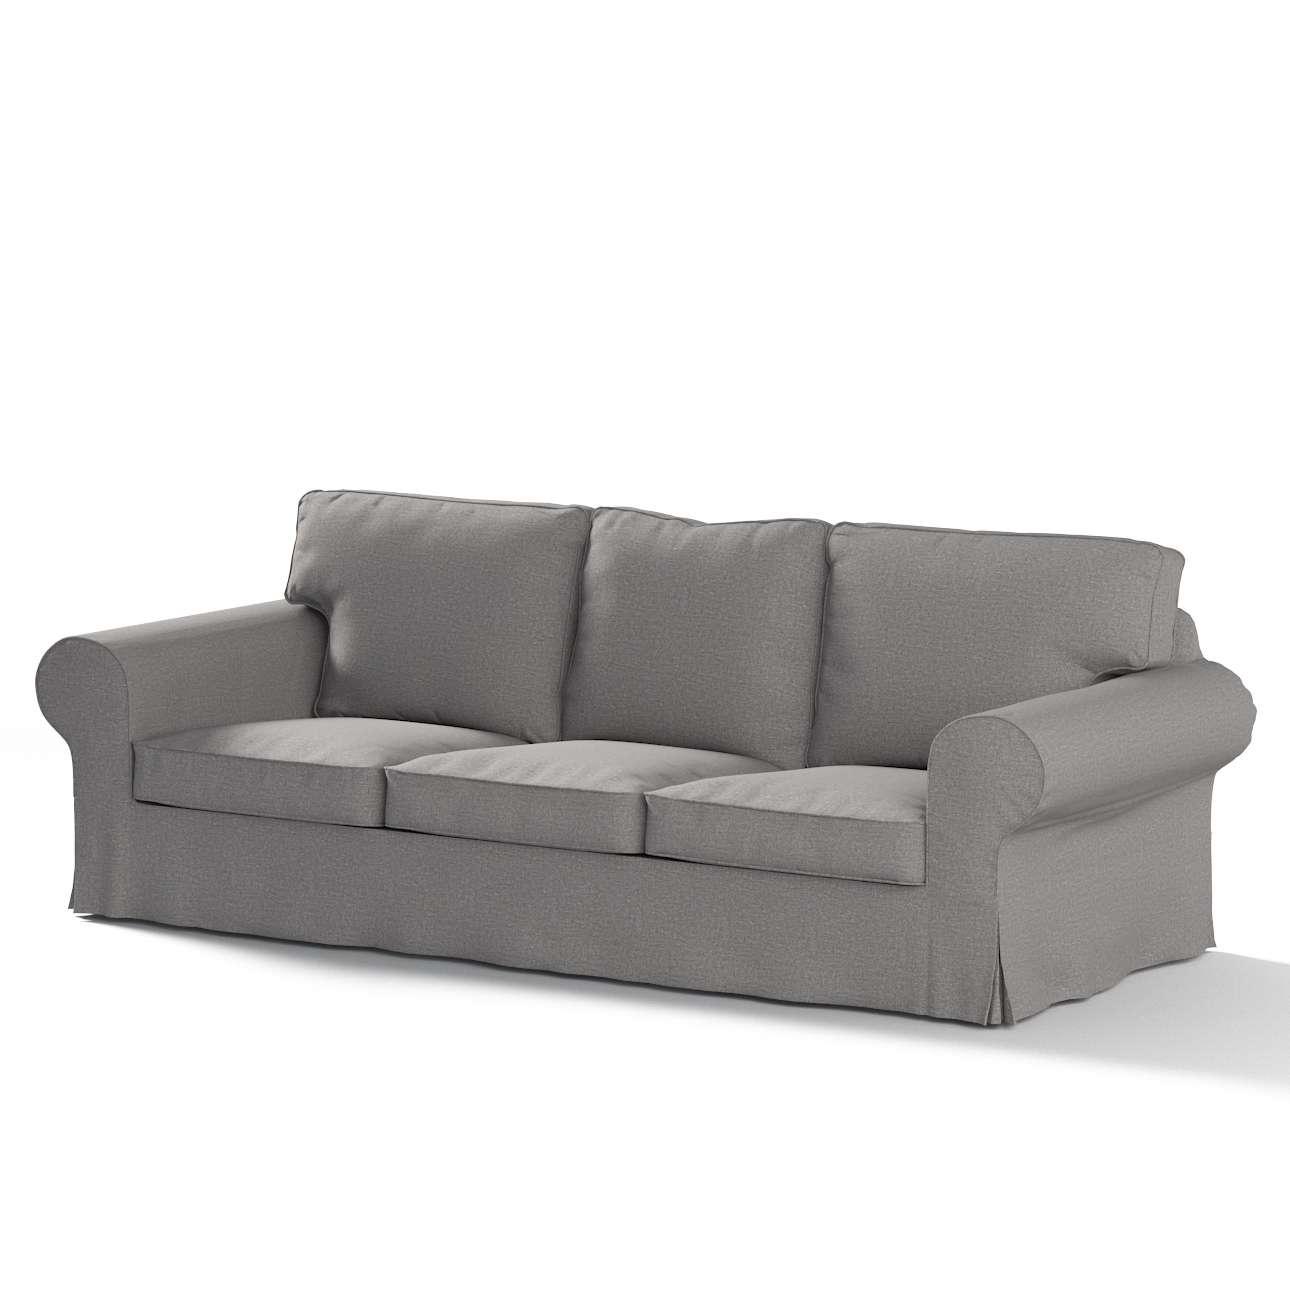 Pokrowiec na sofę Ektorp 3-osobową, rozkładaną STARY MODEL w kolekcji Edinburgh, tkanina: 115-81